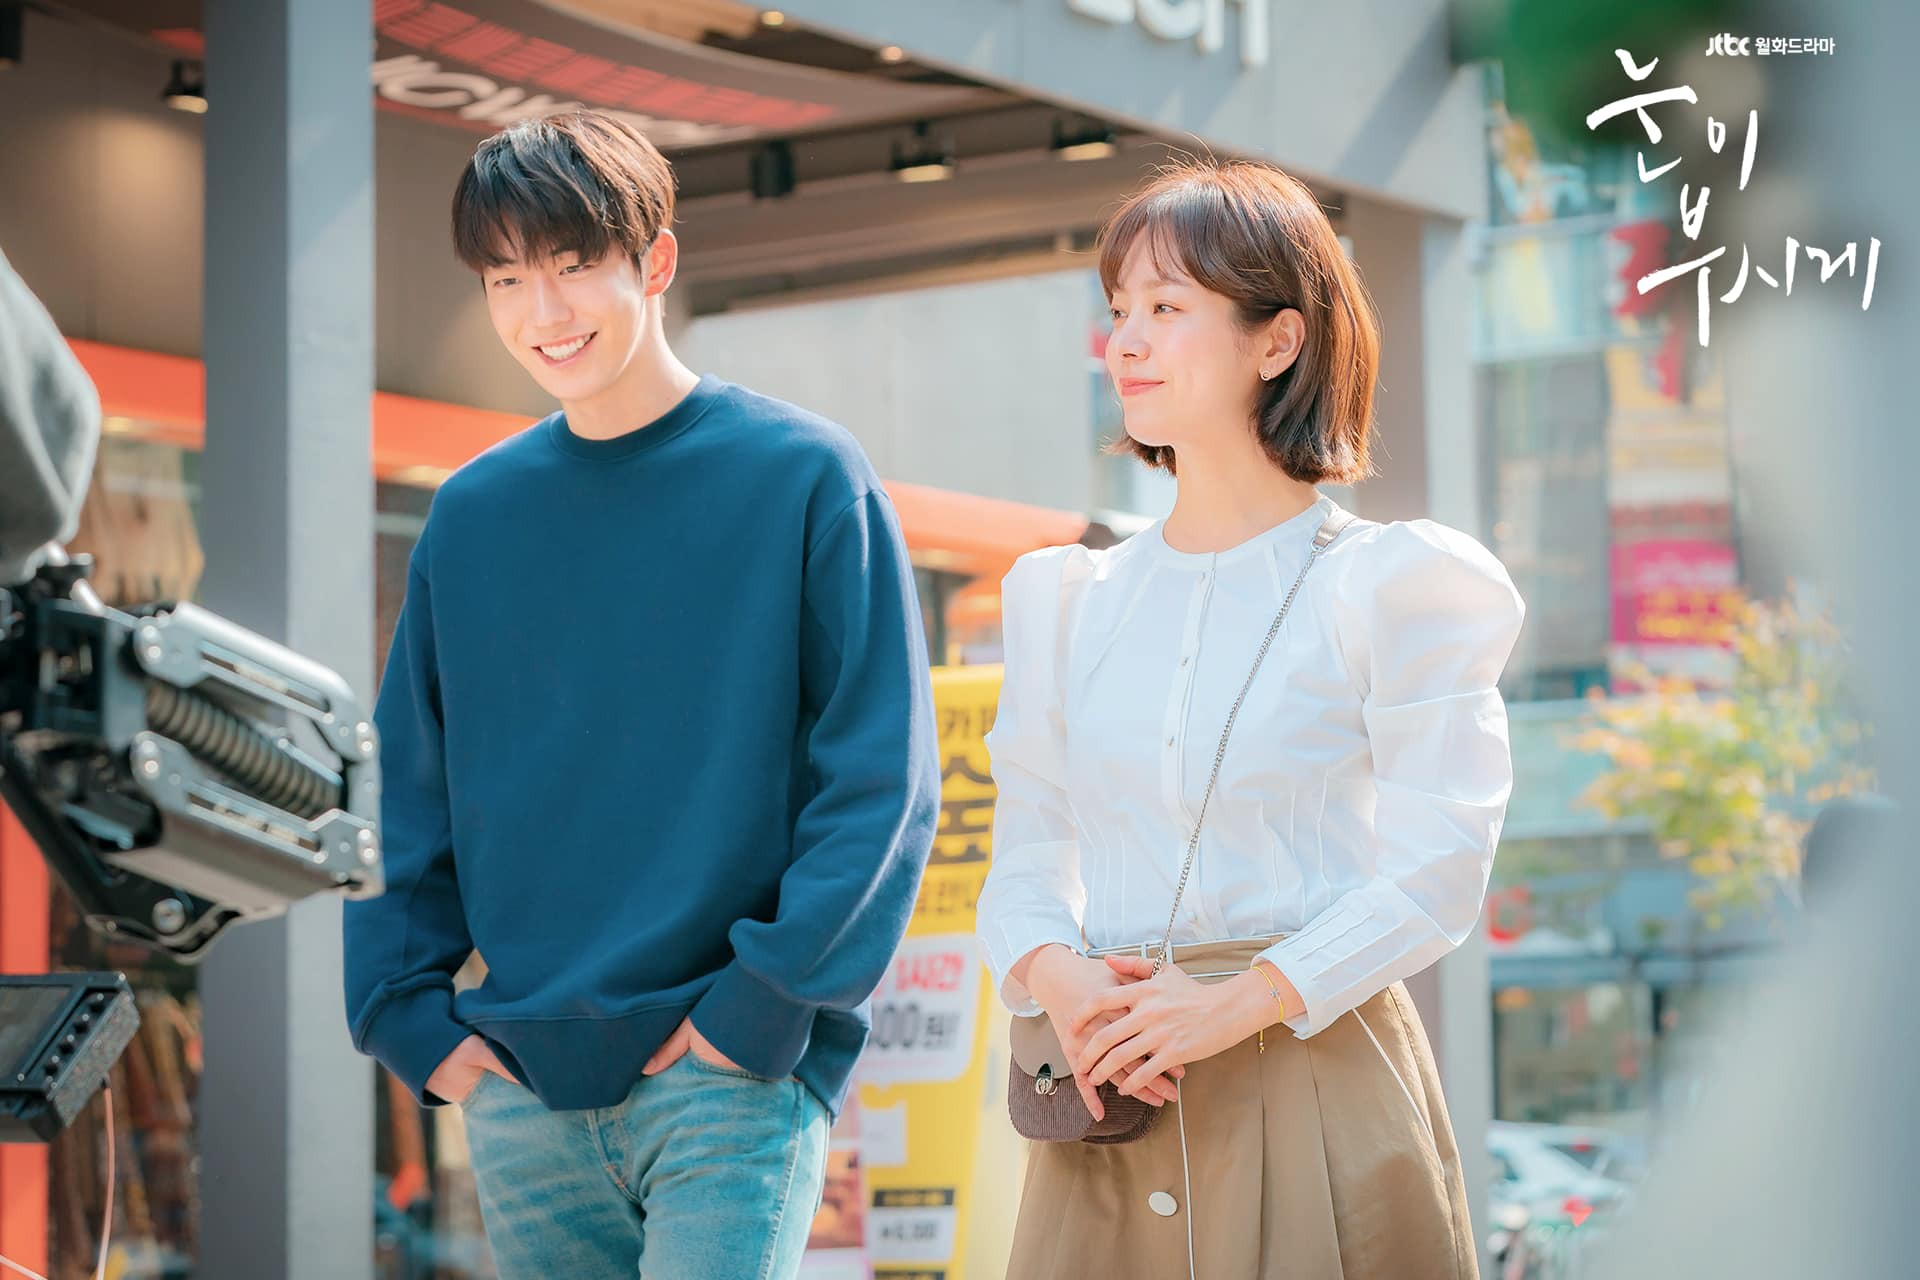 Chênh lệch chiều cao giữa Han Ji Min và Nam Joo Hyuk trong hậu trường phim  mới tiếp tục gây chú ý